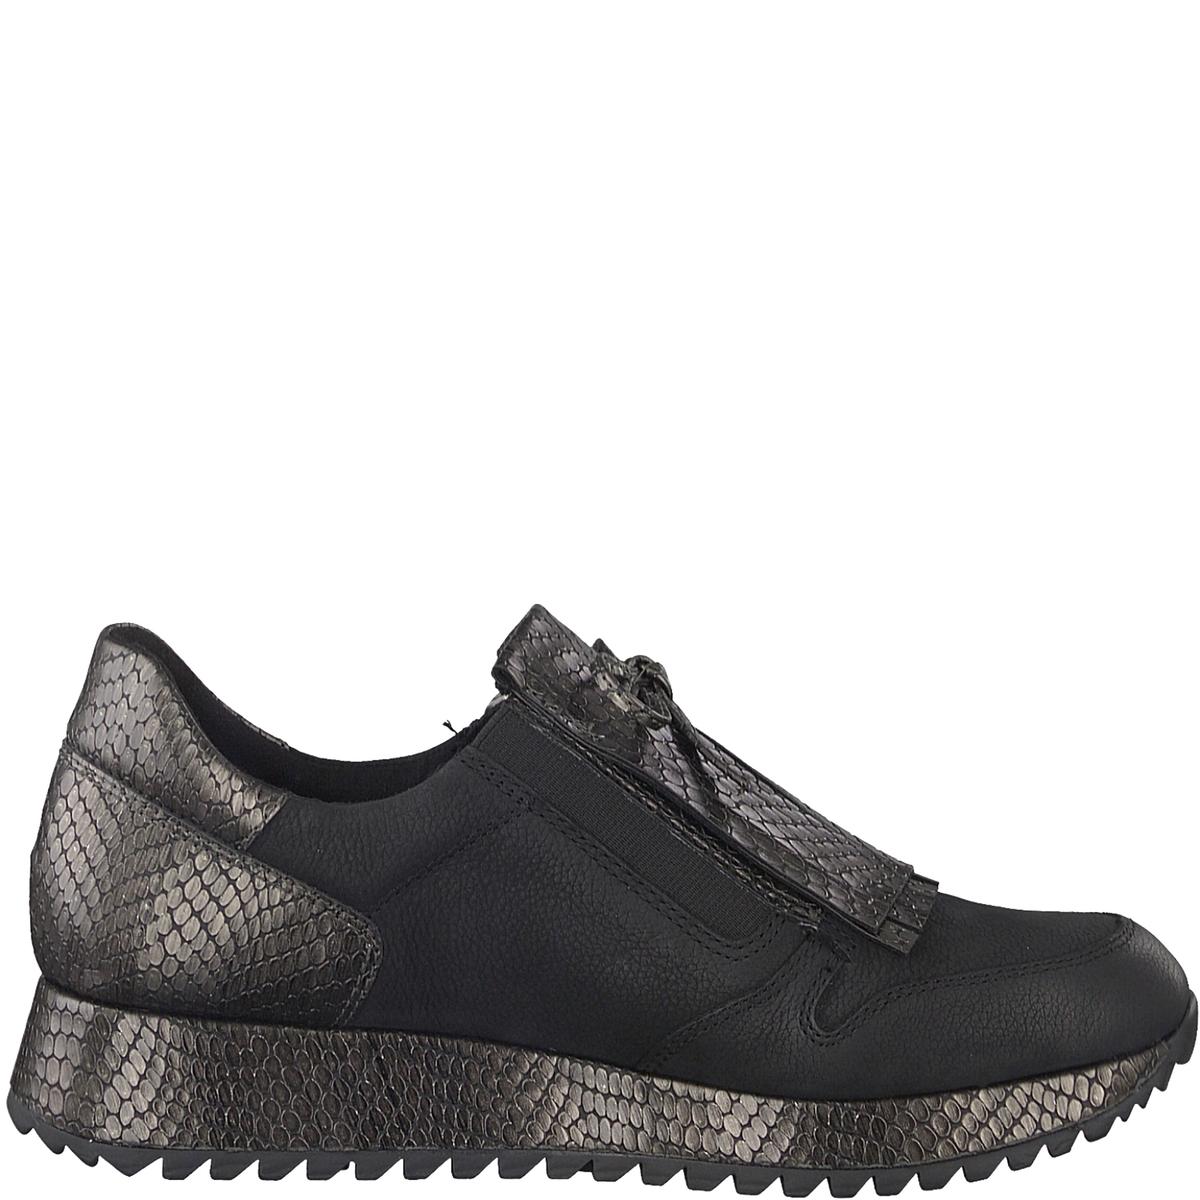 Кеды кожаные DivaДетали •  Спортивный стиль •  Плоский каблук •  Высота каблука : 3,5 см •  Застежка : на молниюСостав и уход • Верх/Голенище 50% кожи, 50% синтетического материала   •  Подкладка 50% синтетического материала, 50% текстиля<br><br>Цвет: черный<br>Размер: 40